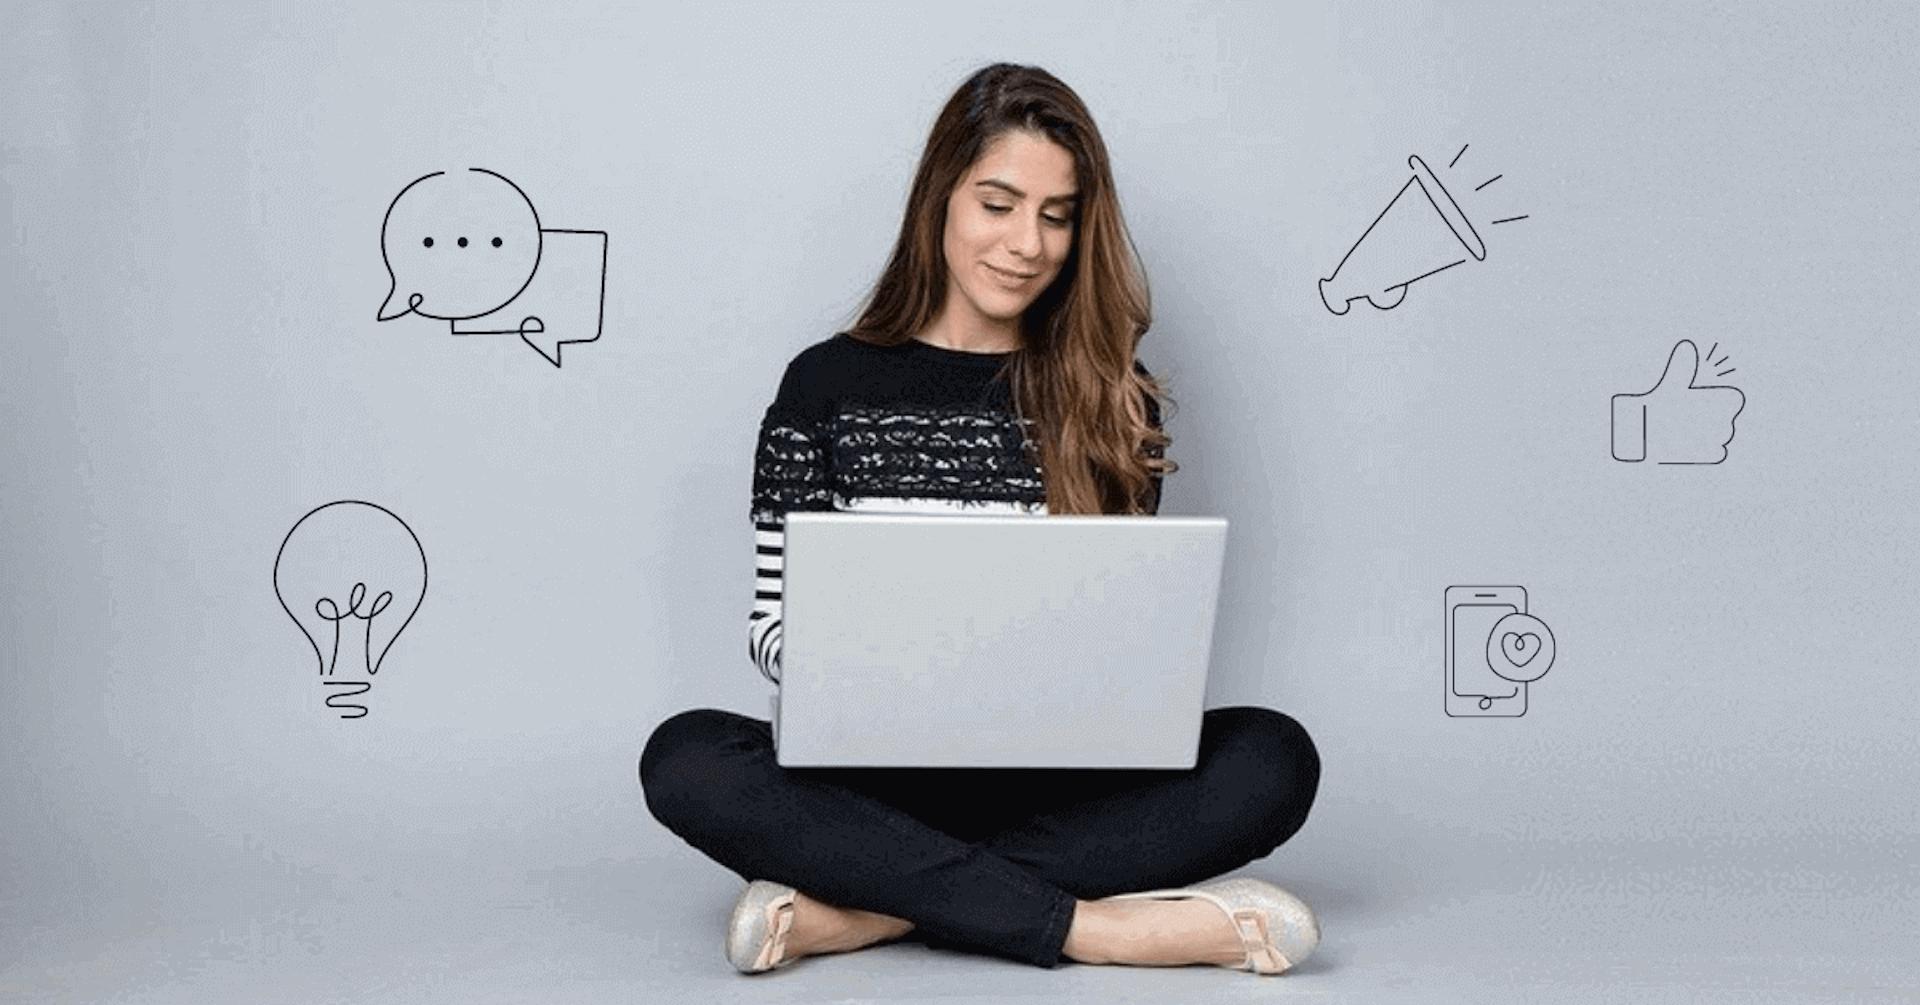 ¿Qué hace un publicista? Descubre una de las profesiones creativas mejor pagadas